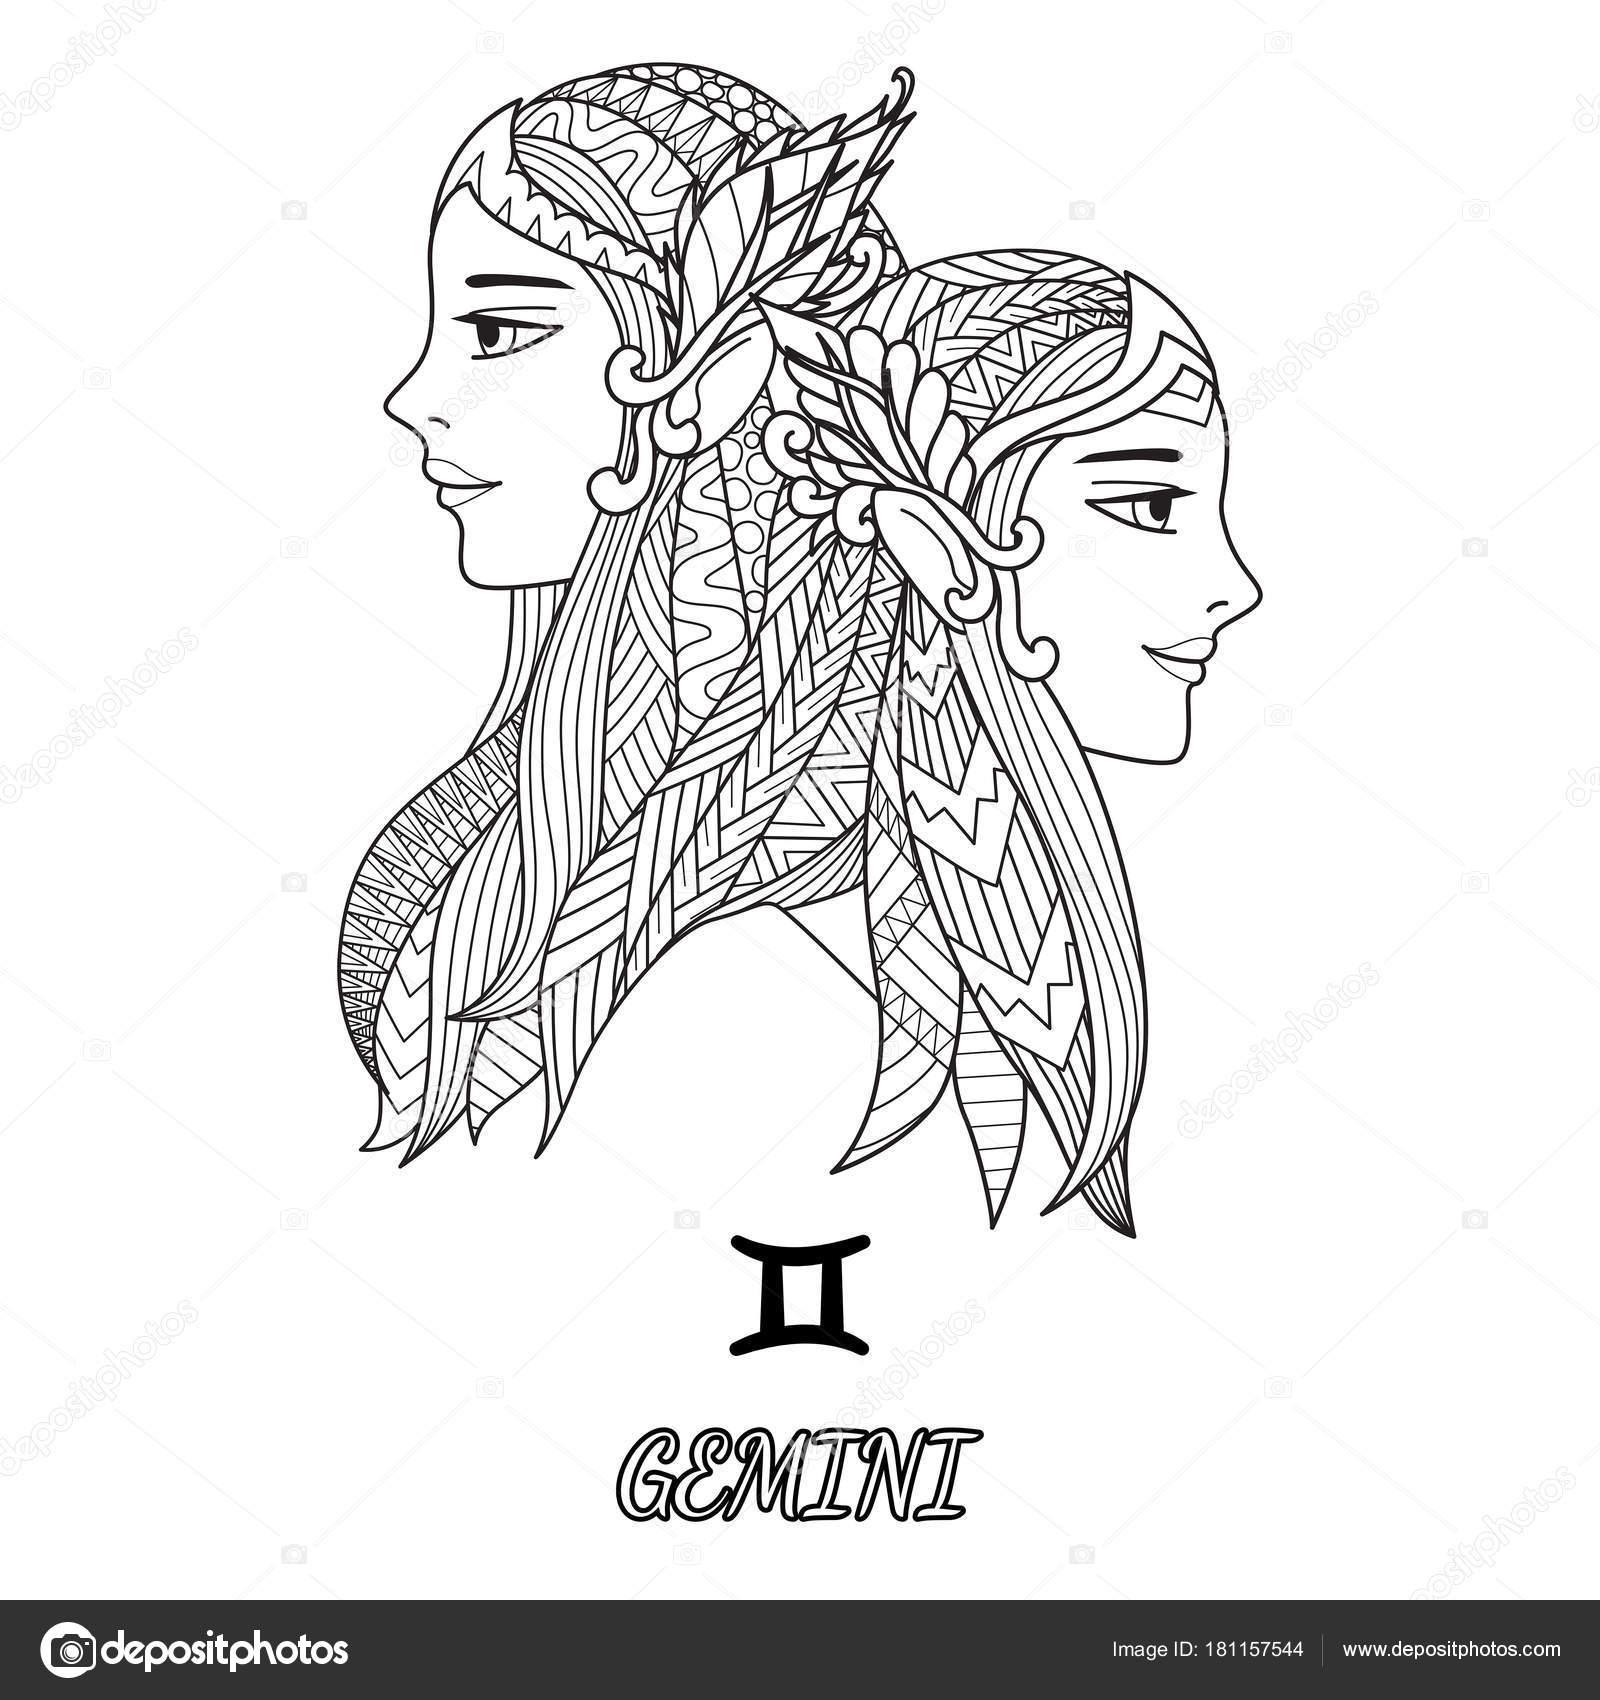 Ligne Art Conception Du Signe Du Zodiaque Gémeaux Pour élément De